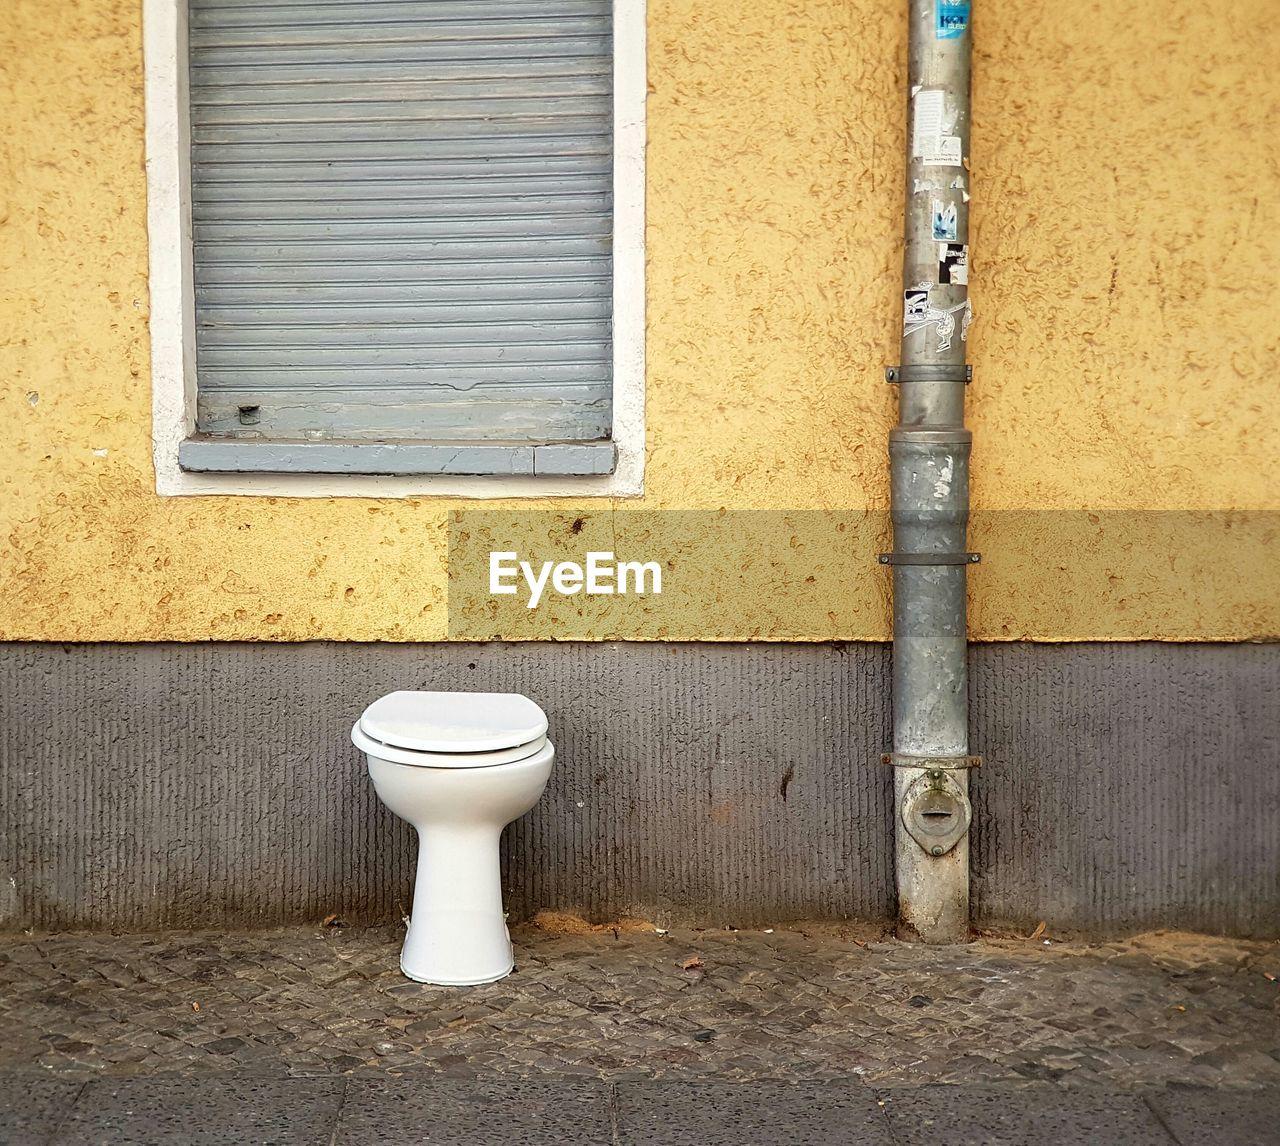 Toilet bowl against building